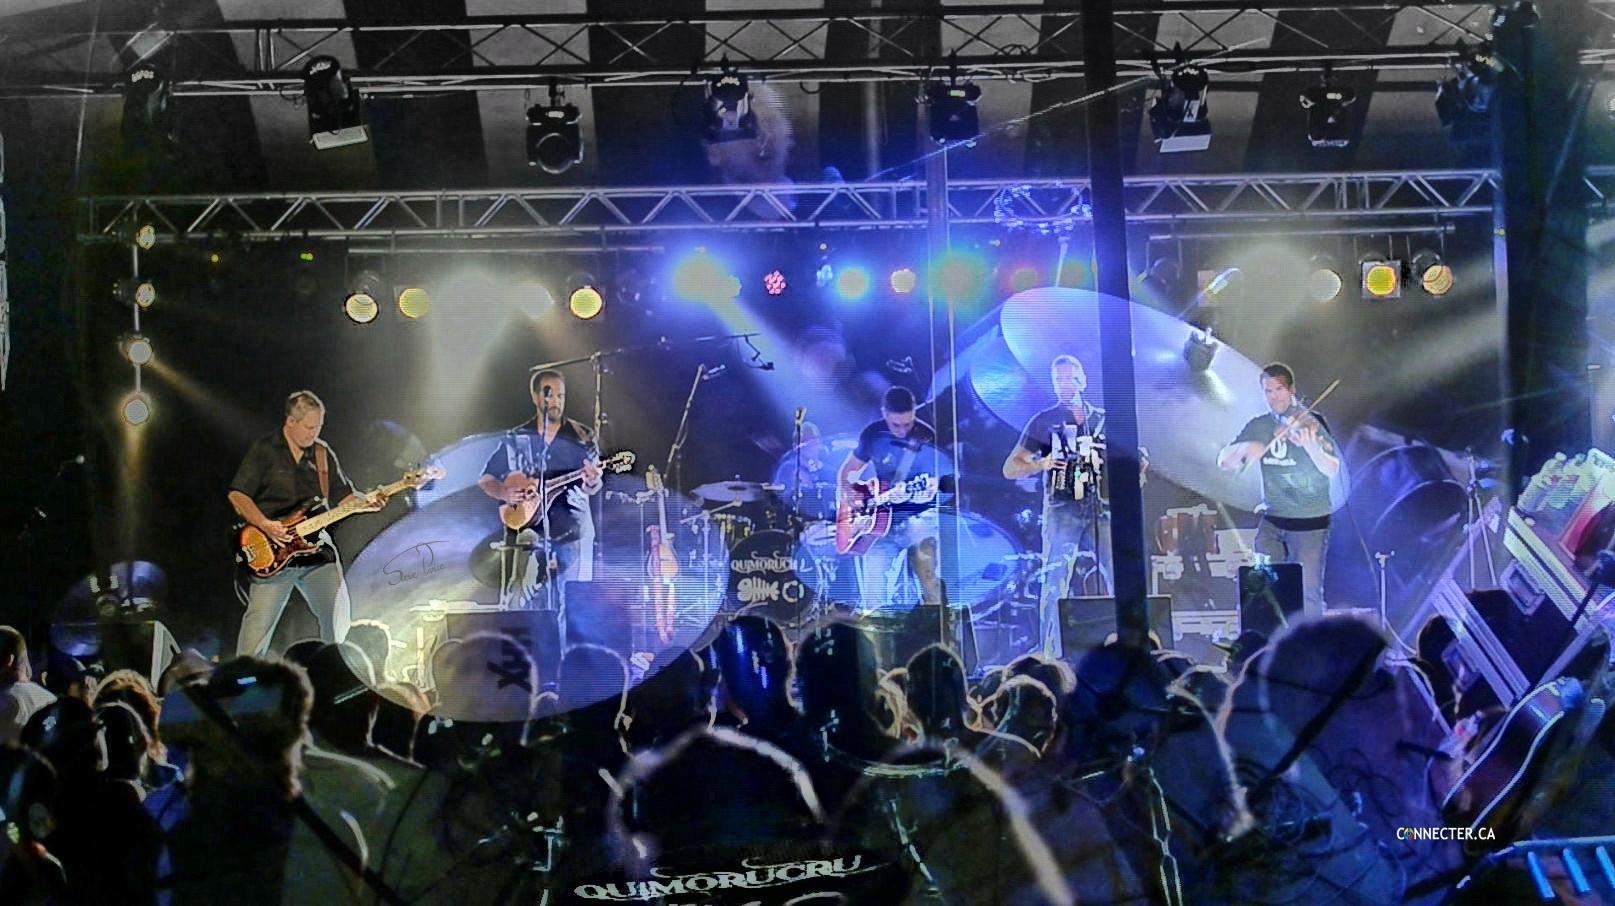 Photos et un court extrait vidéo du spectacle du groupe Gaspésien, Quimorucru au festival du crabe de Paspébiac!